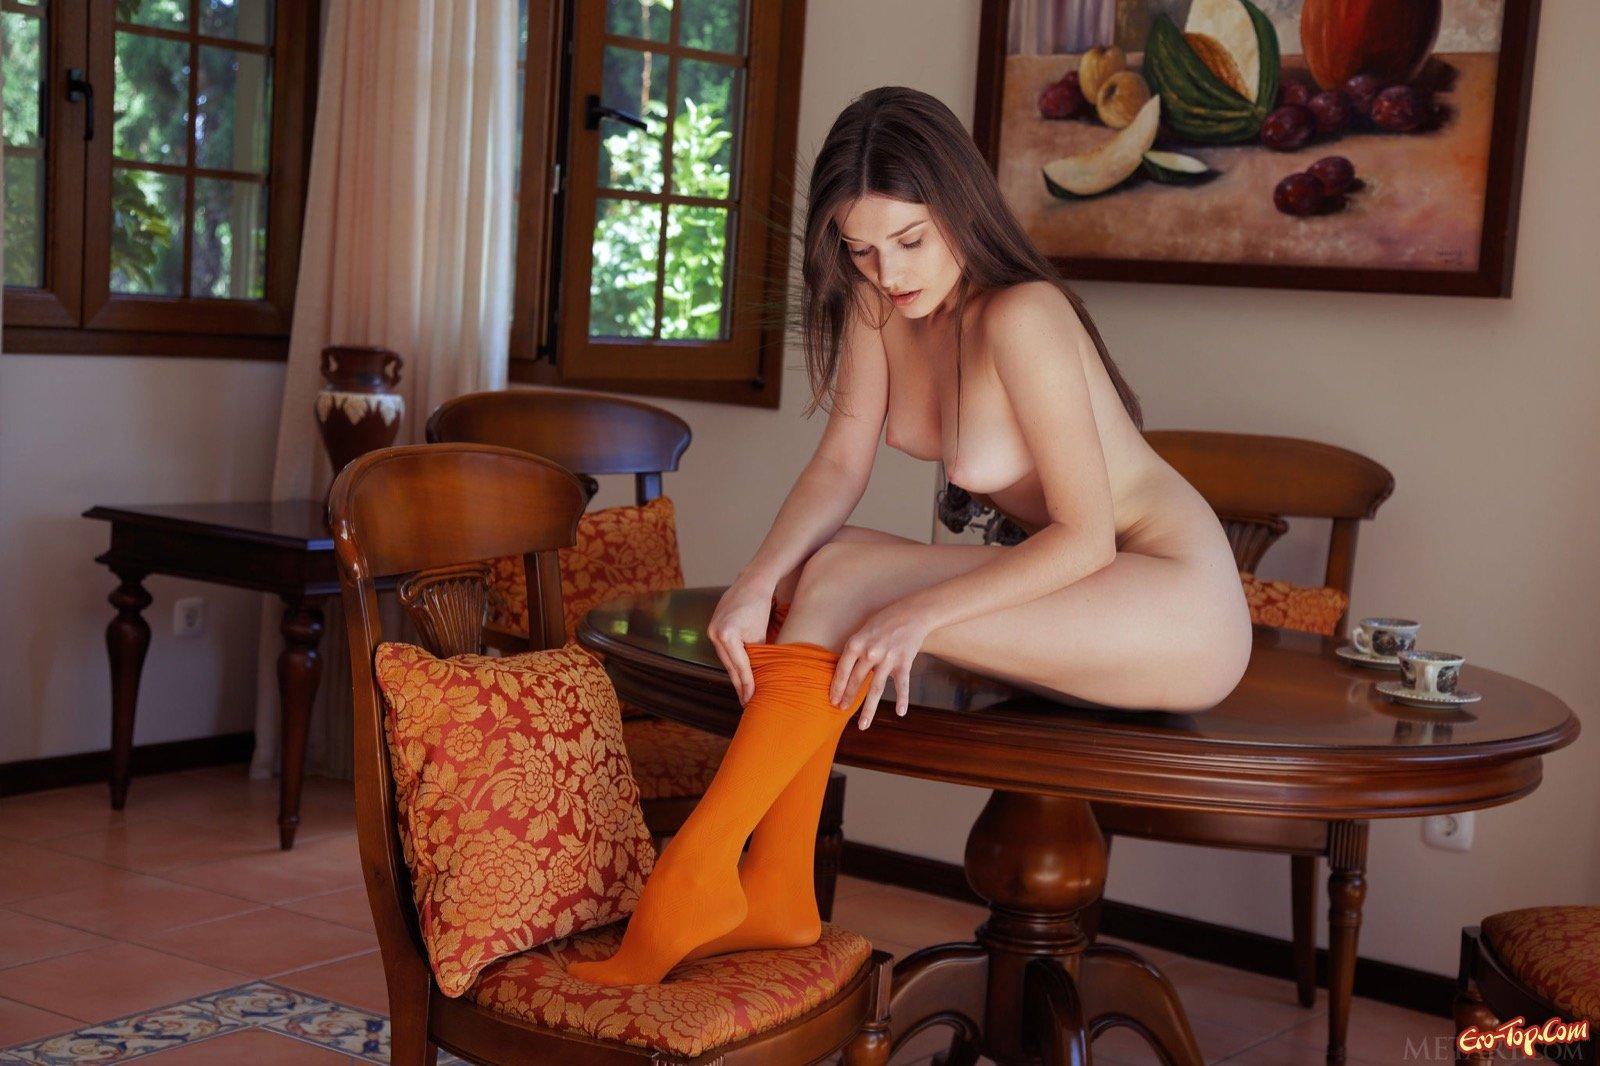 Стройная девица в колготках позирует на столе и полу